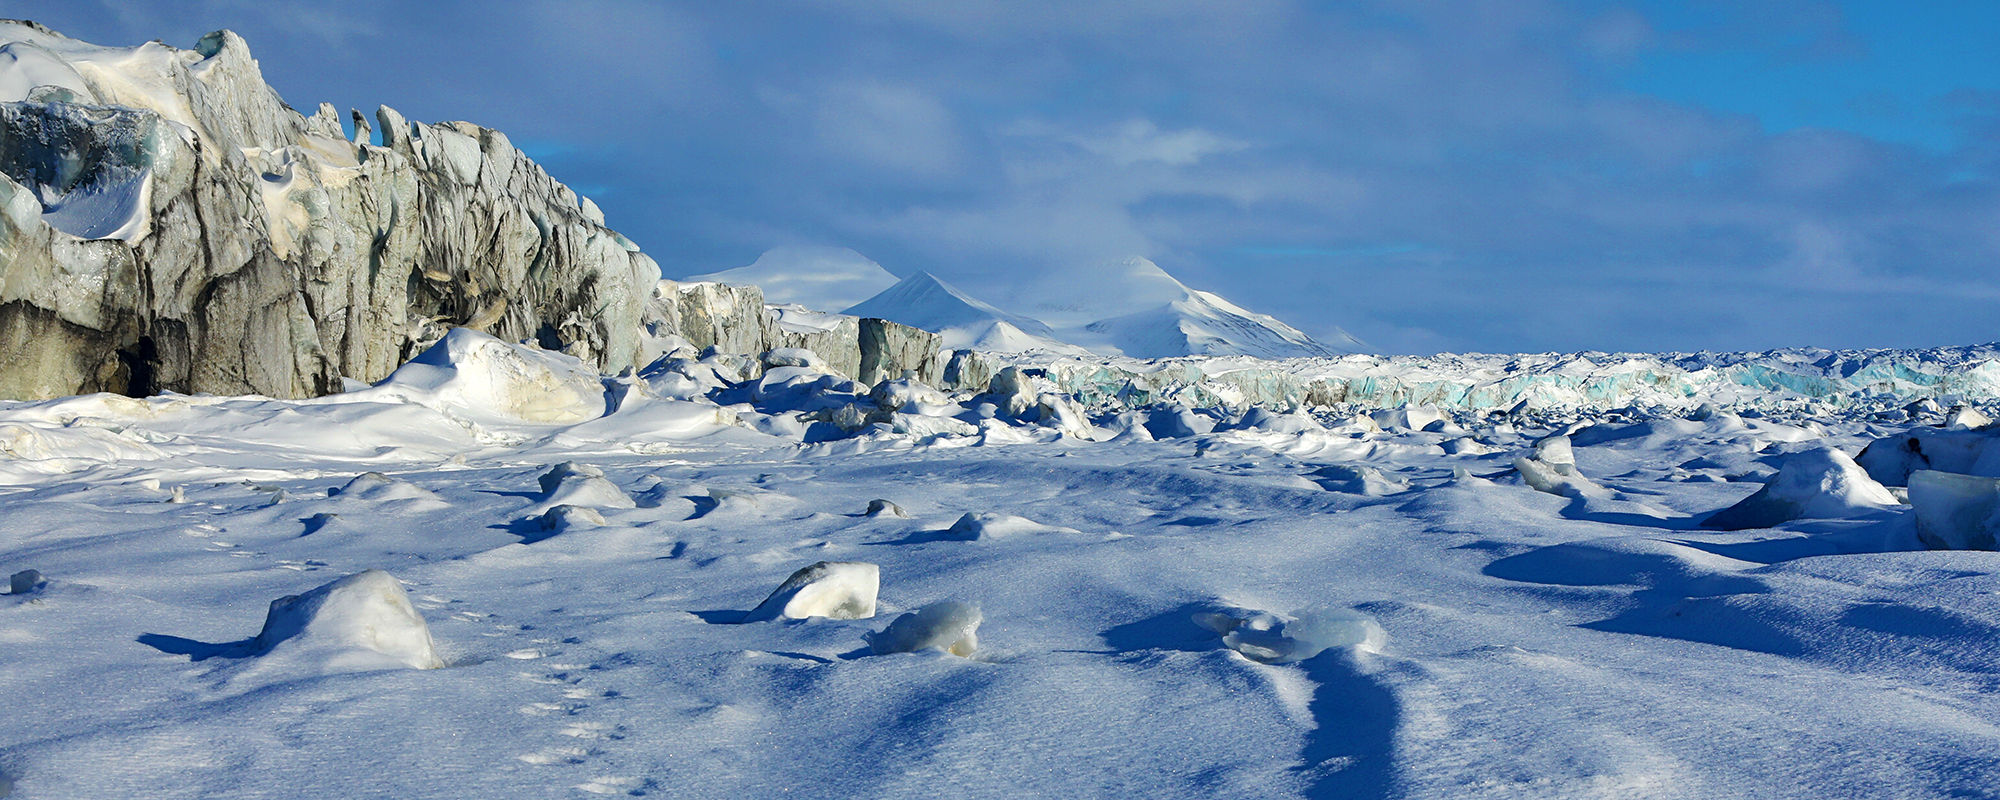 Eisbärenspuren